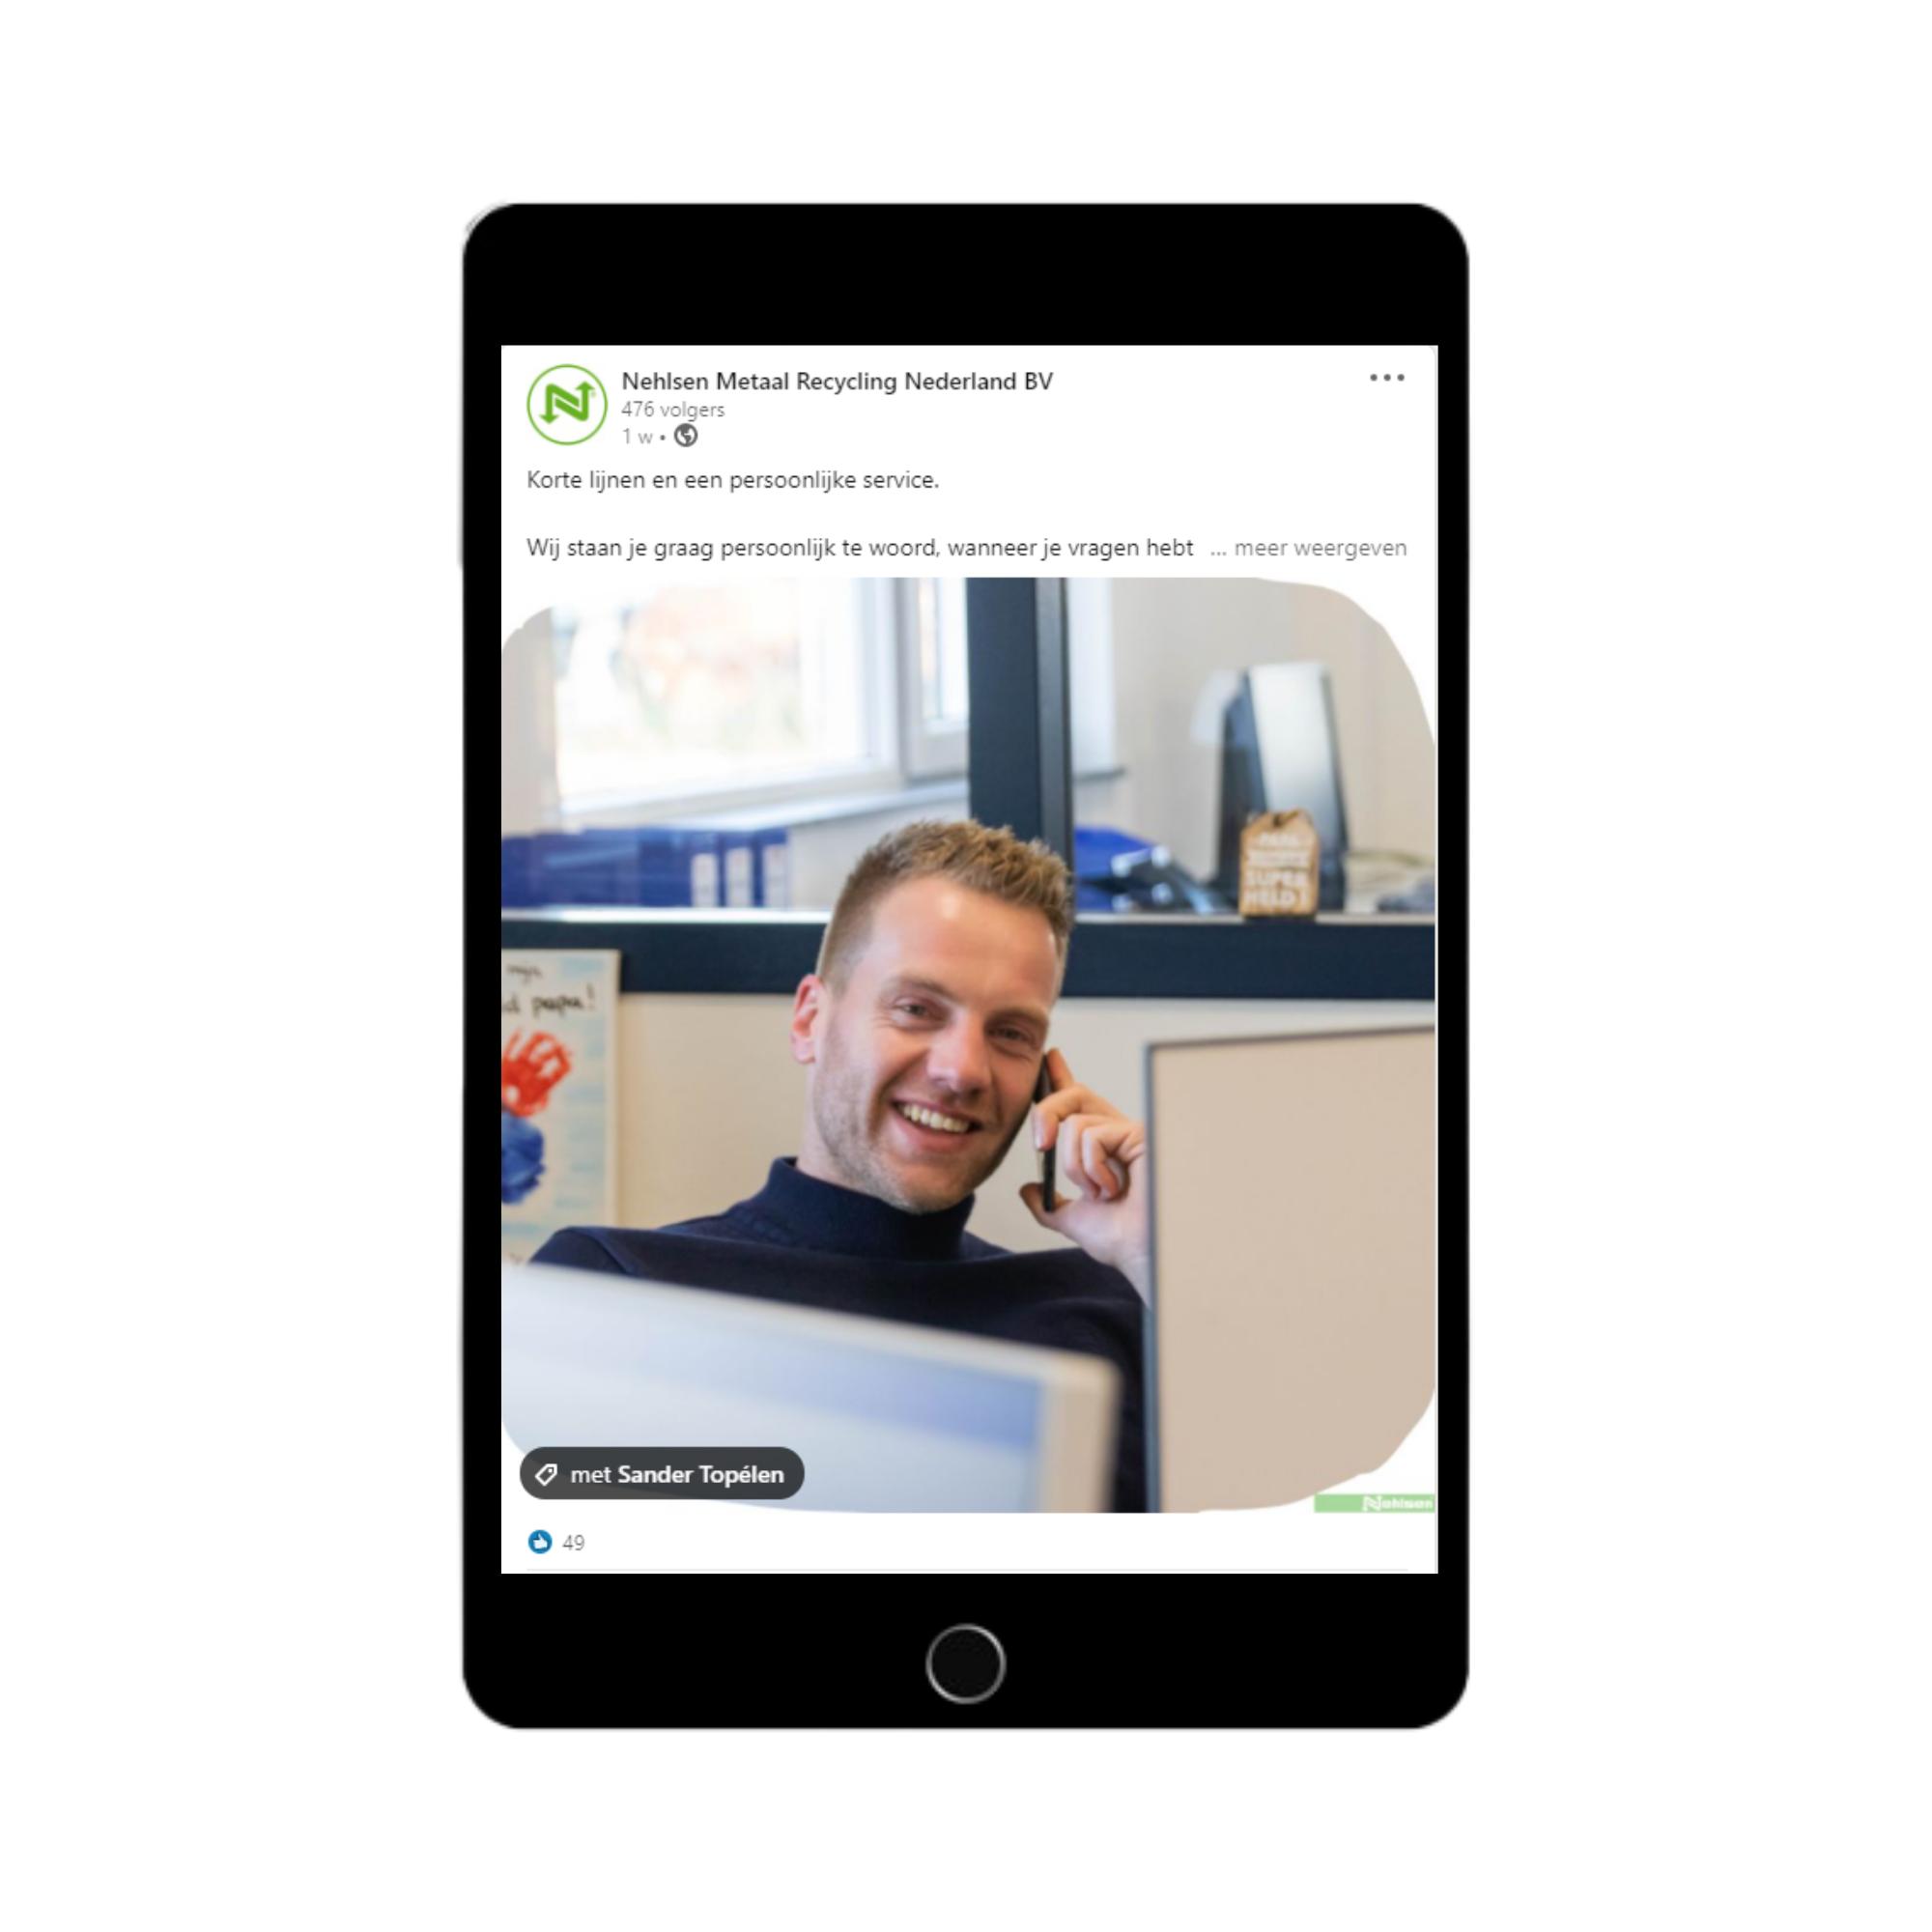 Nehlsen Metaalrecycling LinkedIn